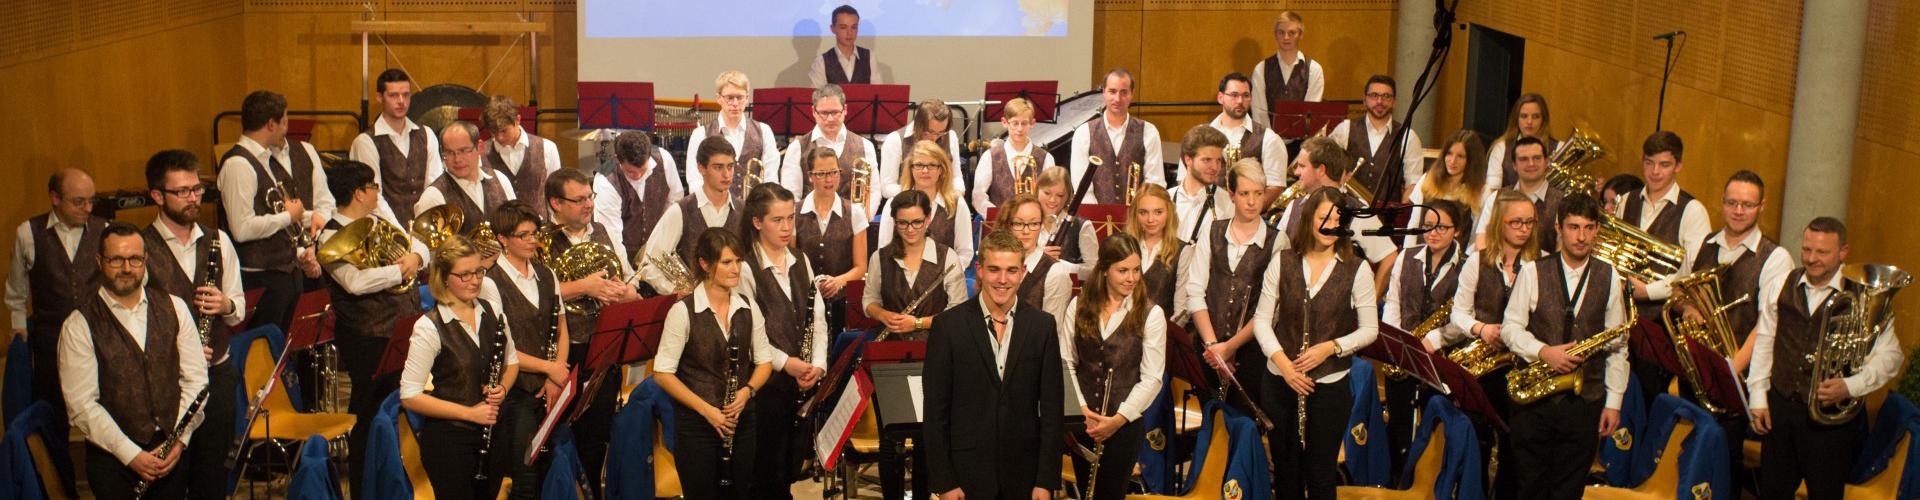 Harmoniemusik Welden e.V.